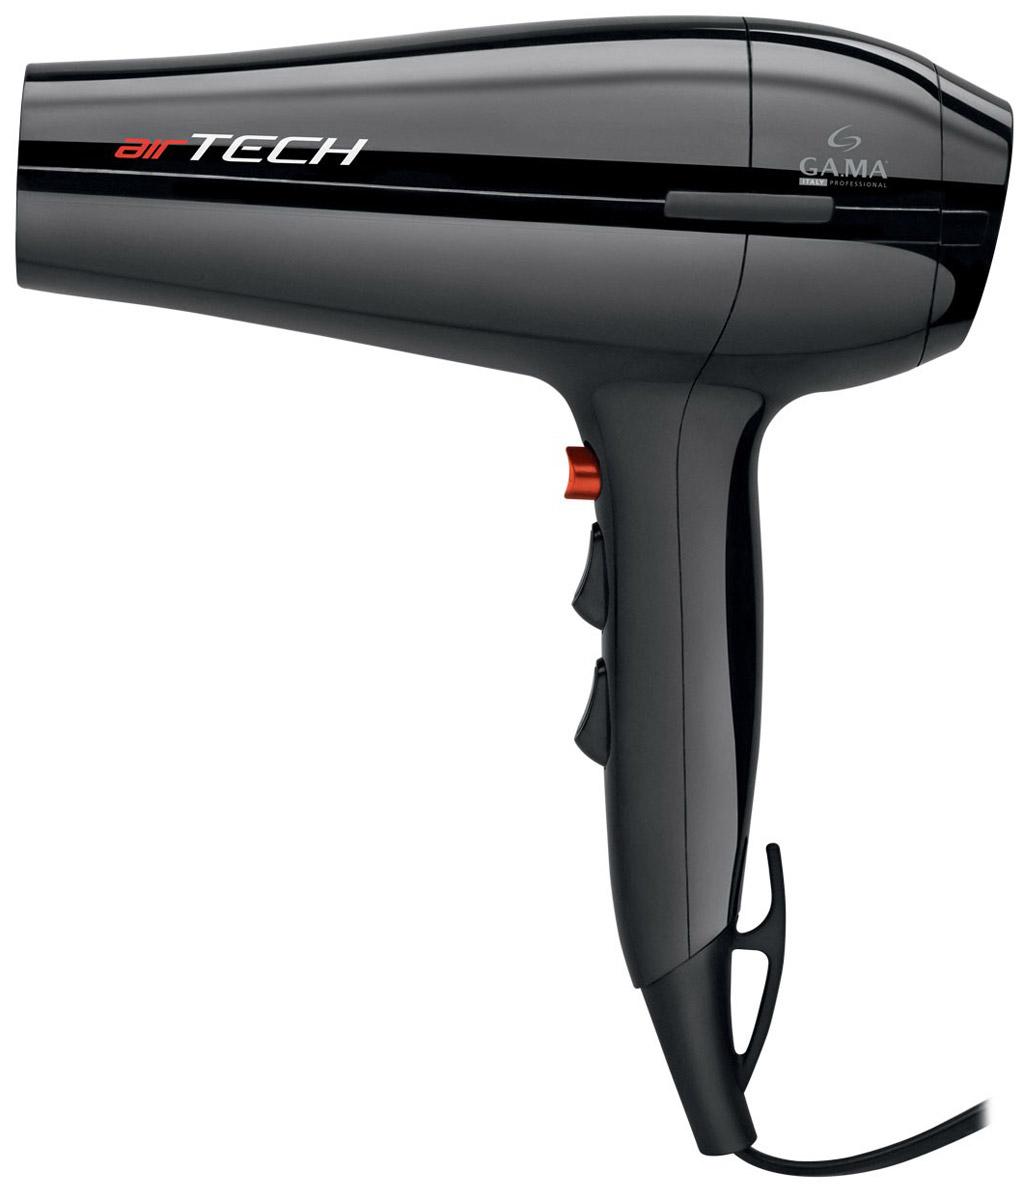 GA.MA Airtech, Black фенA21.AIRTECH.NRС феном для волос GA.MA Airtech вы не только быстро высушите волосы, но и сделаете превосходную укладку как для вьющихся, так и для прямых волос, используя диффузор или насадку-концентратор. Фен обладает высокой мощностью 2300 Вт и оснащен мотором DC, благодаря которому он такой легкий и маневренный.Этот фен идеально подходит для домашнего использования. Вы можете выбрать наиболее подходящий из 6 режимов сушки, комбинируя 2 скорости и 3 температурных режима, в зависимости от того нужна вам быстрая сушка или деликатный уход за волосами. Для фиксации укладки используйте кнопку «холодный обдув», которая дает возможность моделировать локоны руками под потоком холодного воздуха.При использовании диффузора поток горячего воздуха будет не слишком агрессивный и рассеянный, что идеально подходит для придания формы и объема волнистым волосам. Рекомендуется использовать насадку-концентратор для прямых волос и более быстрой сушки. На шнуре фена есть удобное кольцо для подвешивания, а задний фильтр фена съемный для облегчения его чистки.